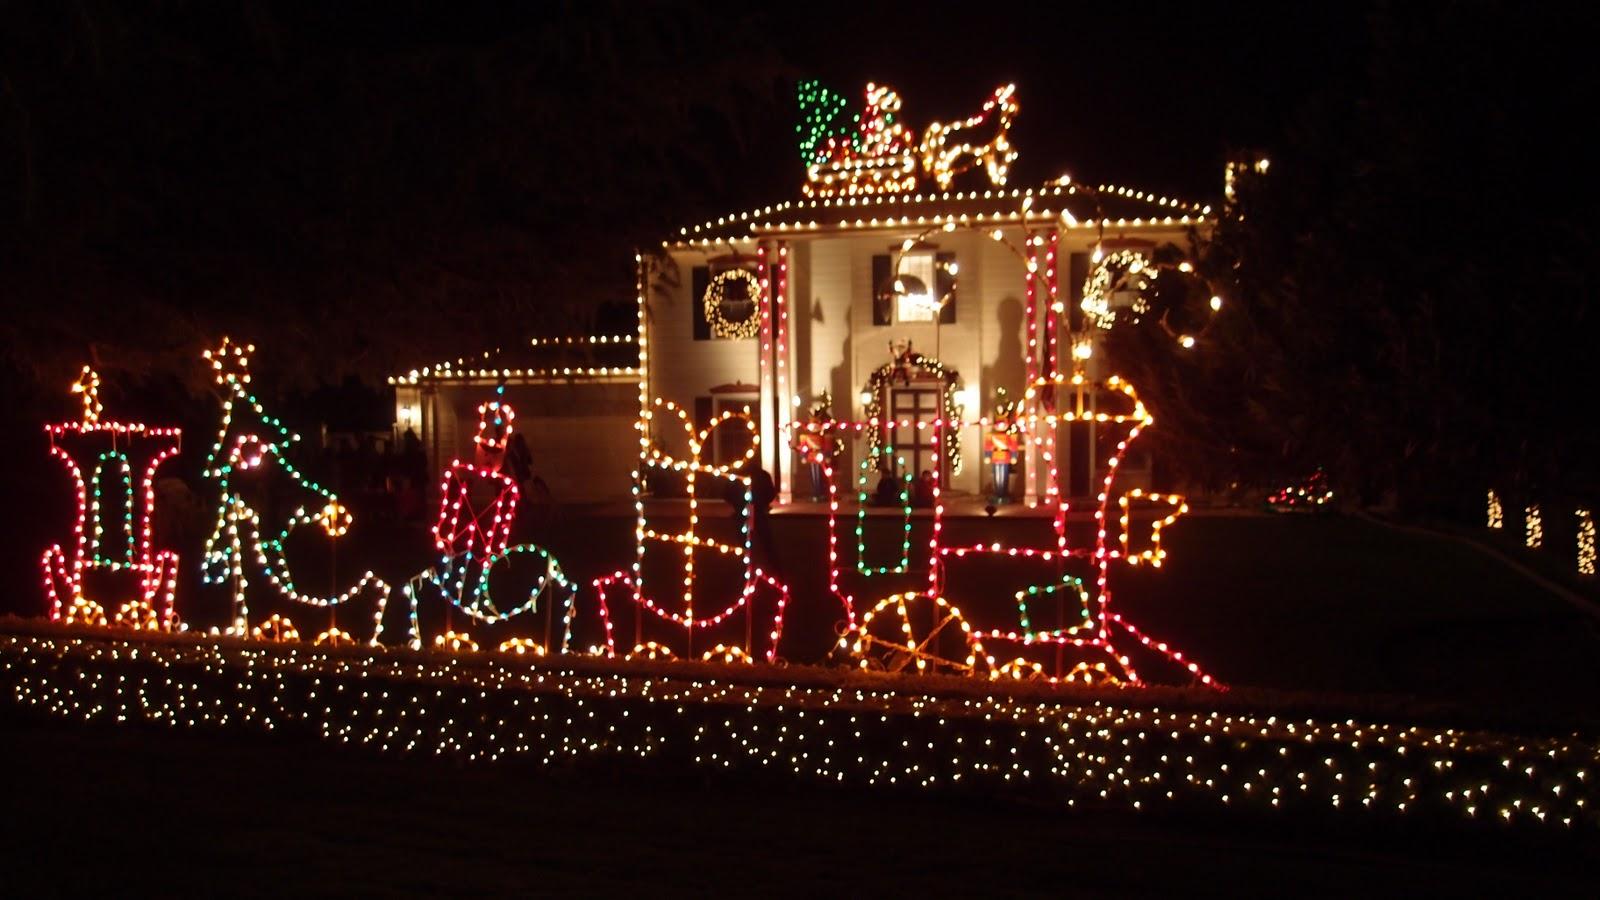 Christmas Light Lane Stockton Ca | Decoratingspecial.com